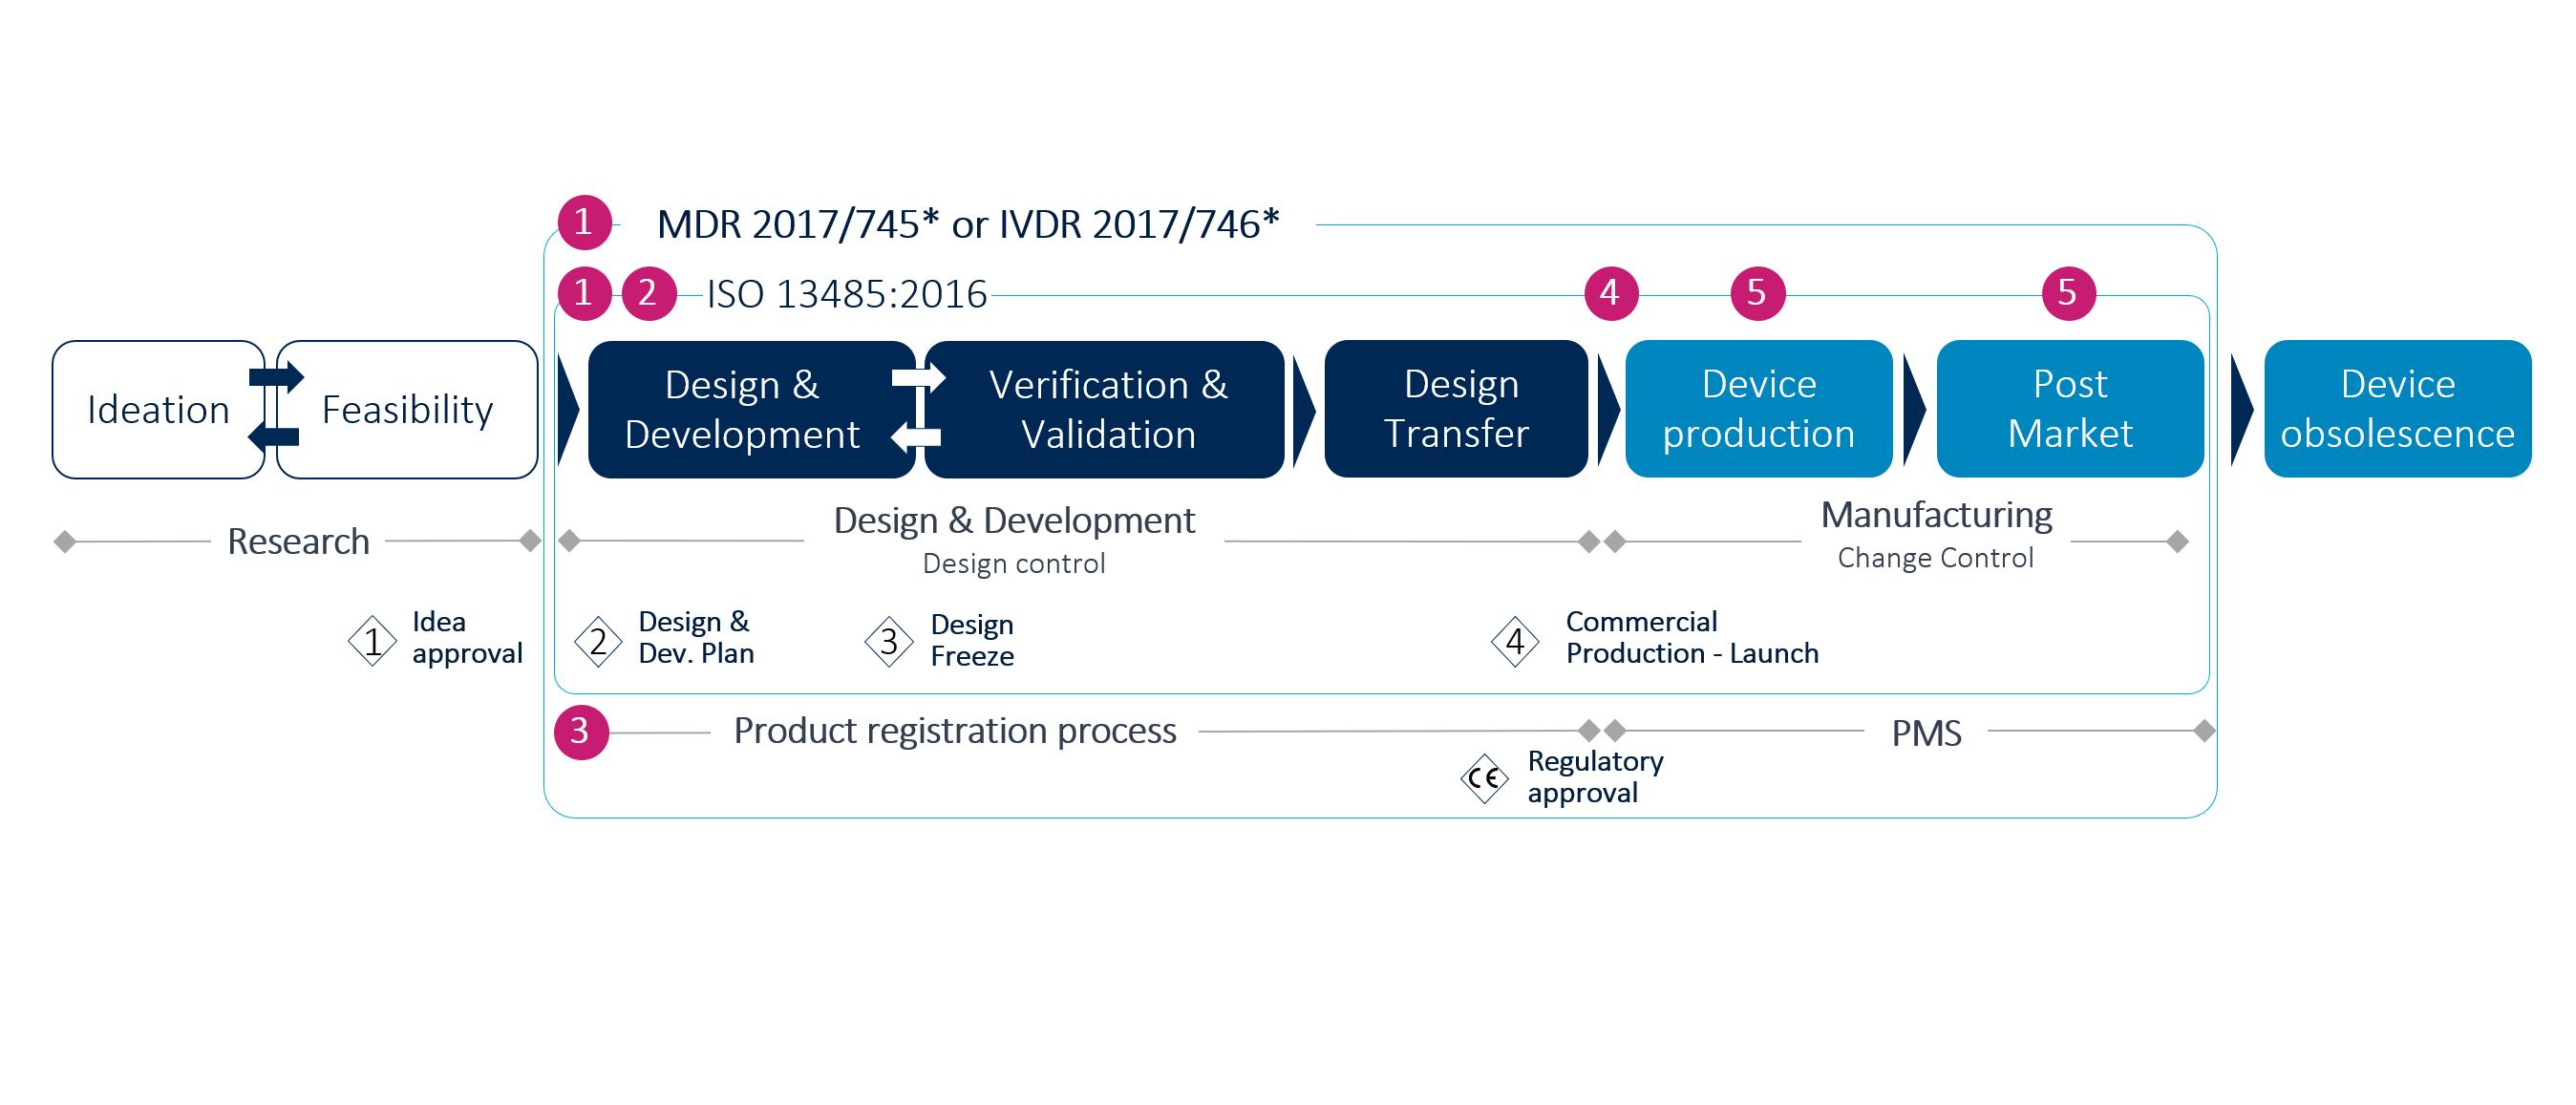 ciclo de vida de los productos sanitarios